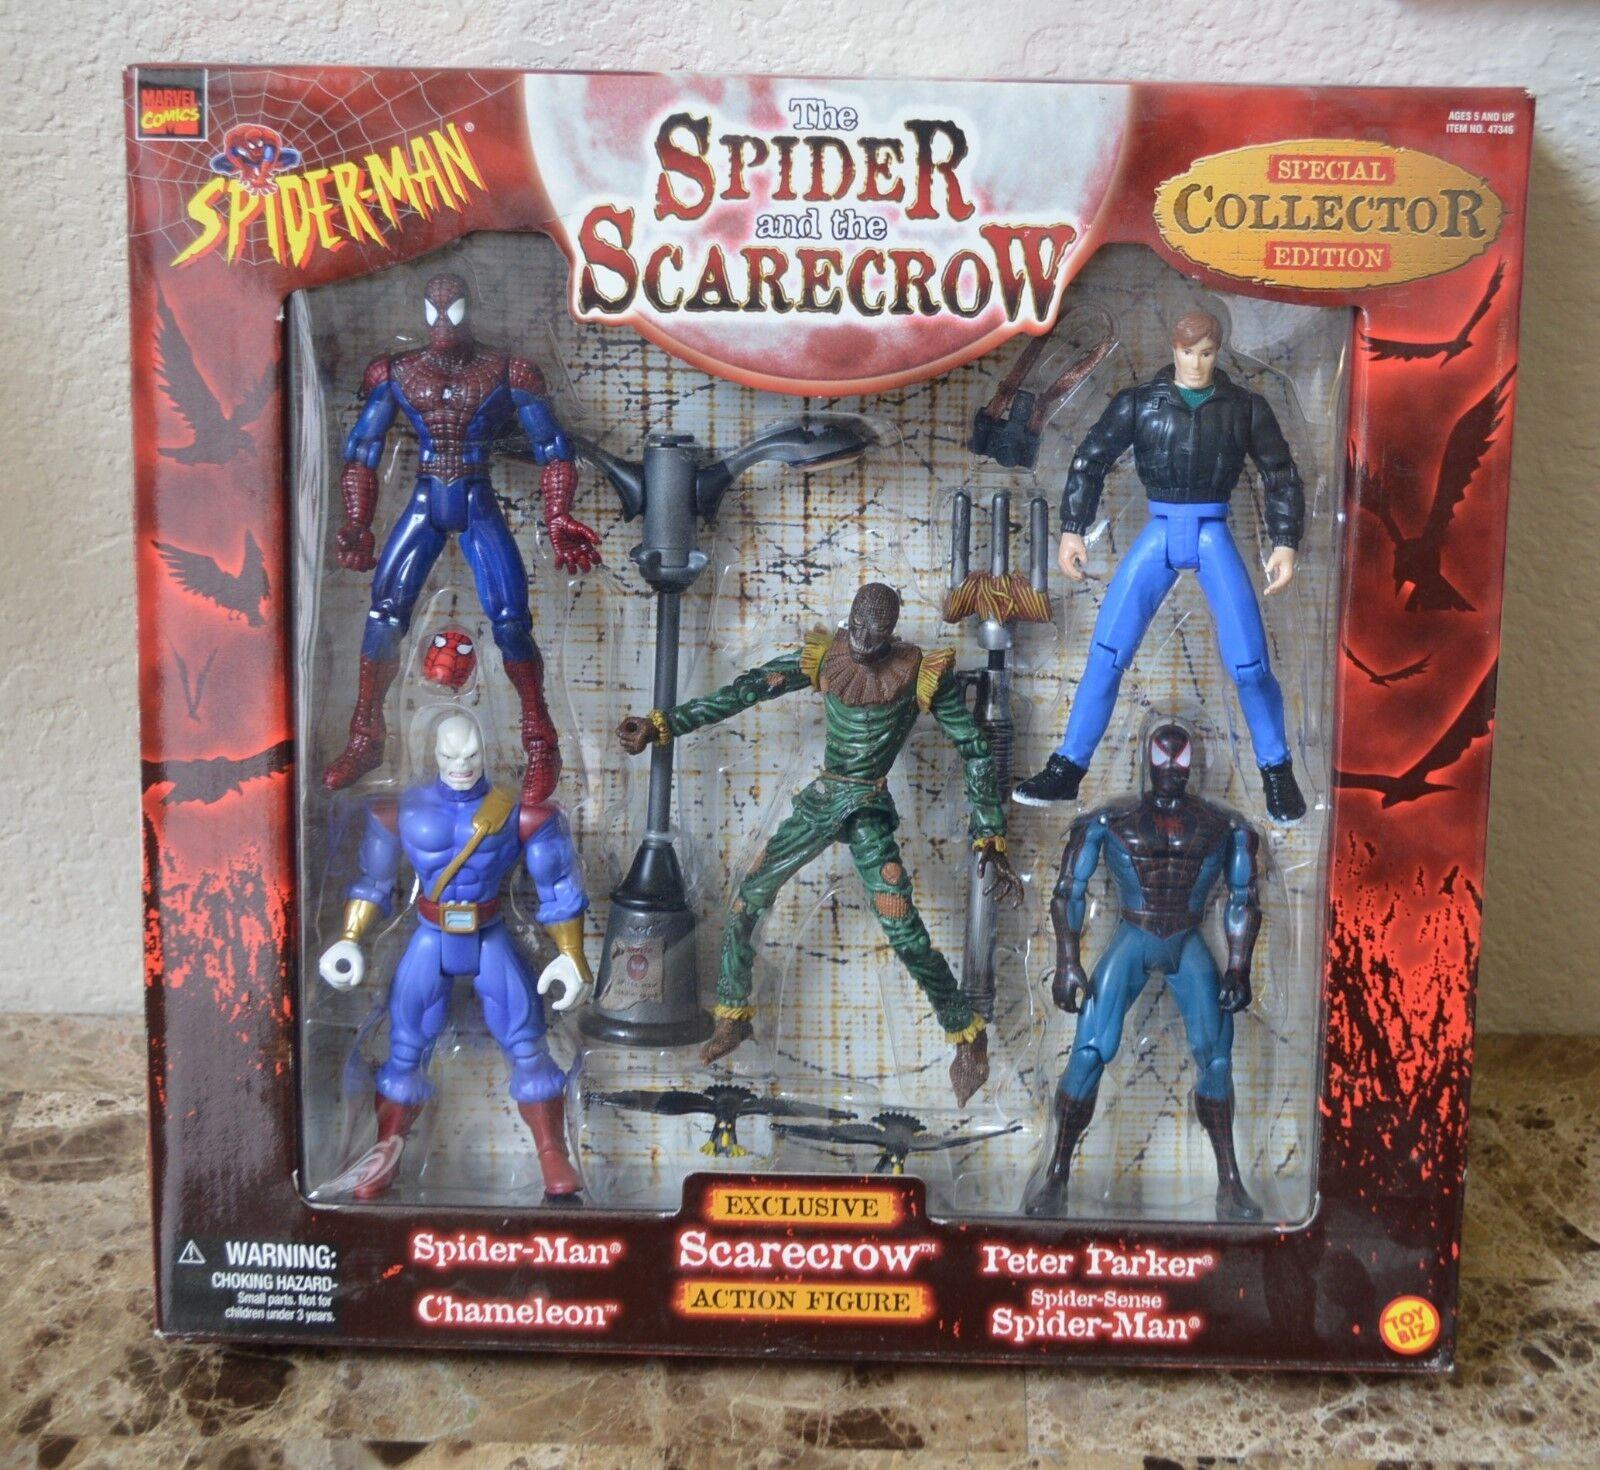 Marvel Comics Collector Edition Spider und Scarecrow Set 5 Misb Toy Biz 1998